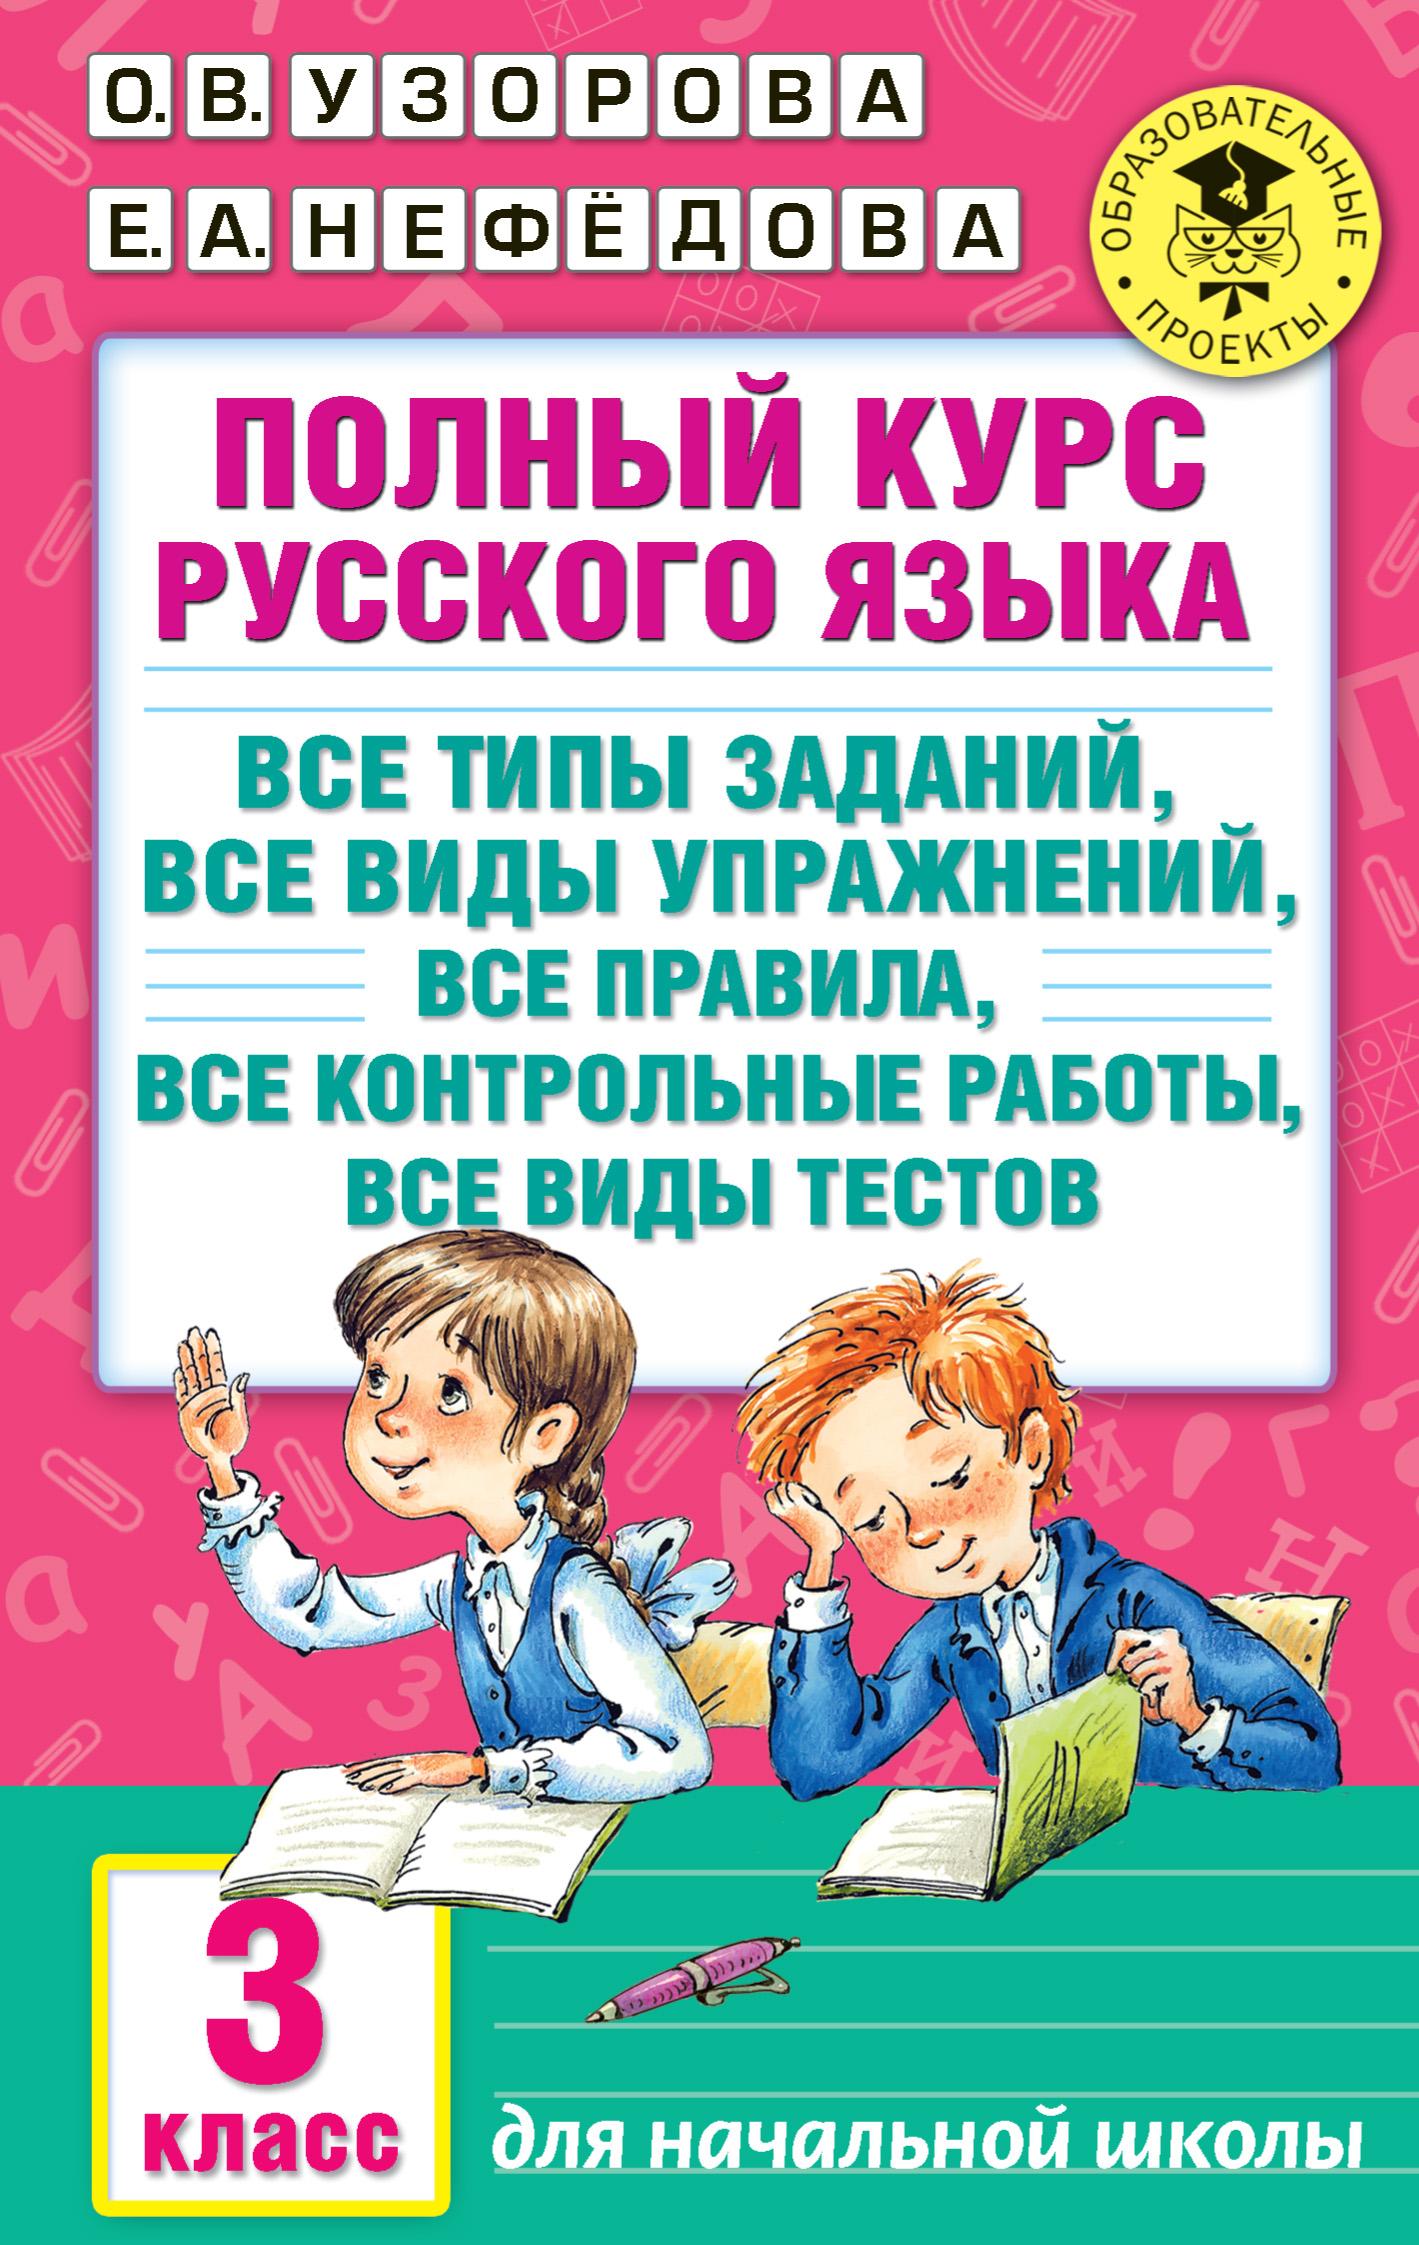 Полный курс русского языка. Все типы заданий, все виды упражнений, все правила, все контрольные работы, все виды тестов. 3 класс фото